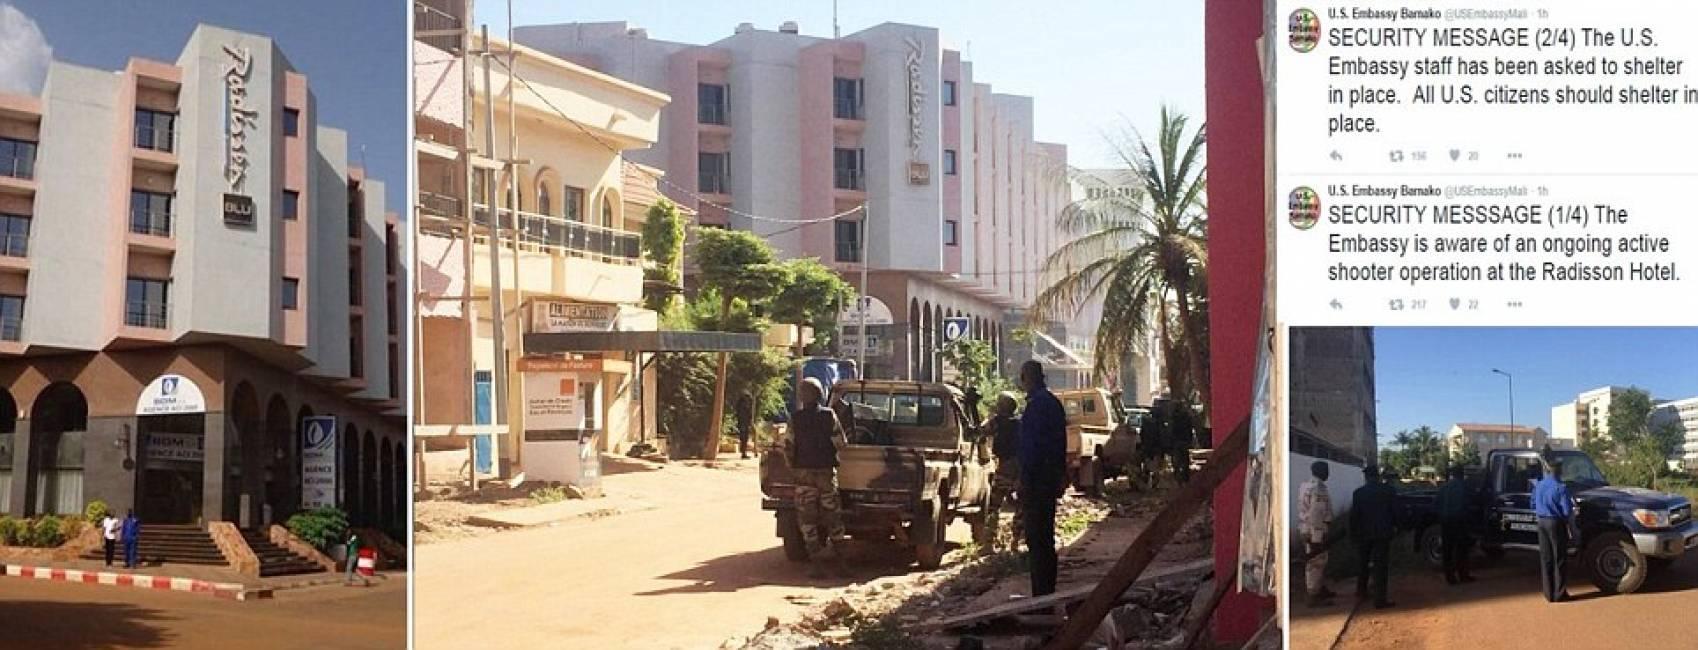 Mali, attacco al Radisson